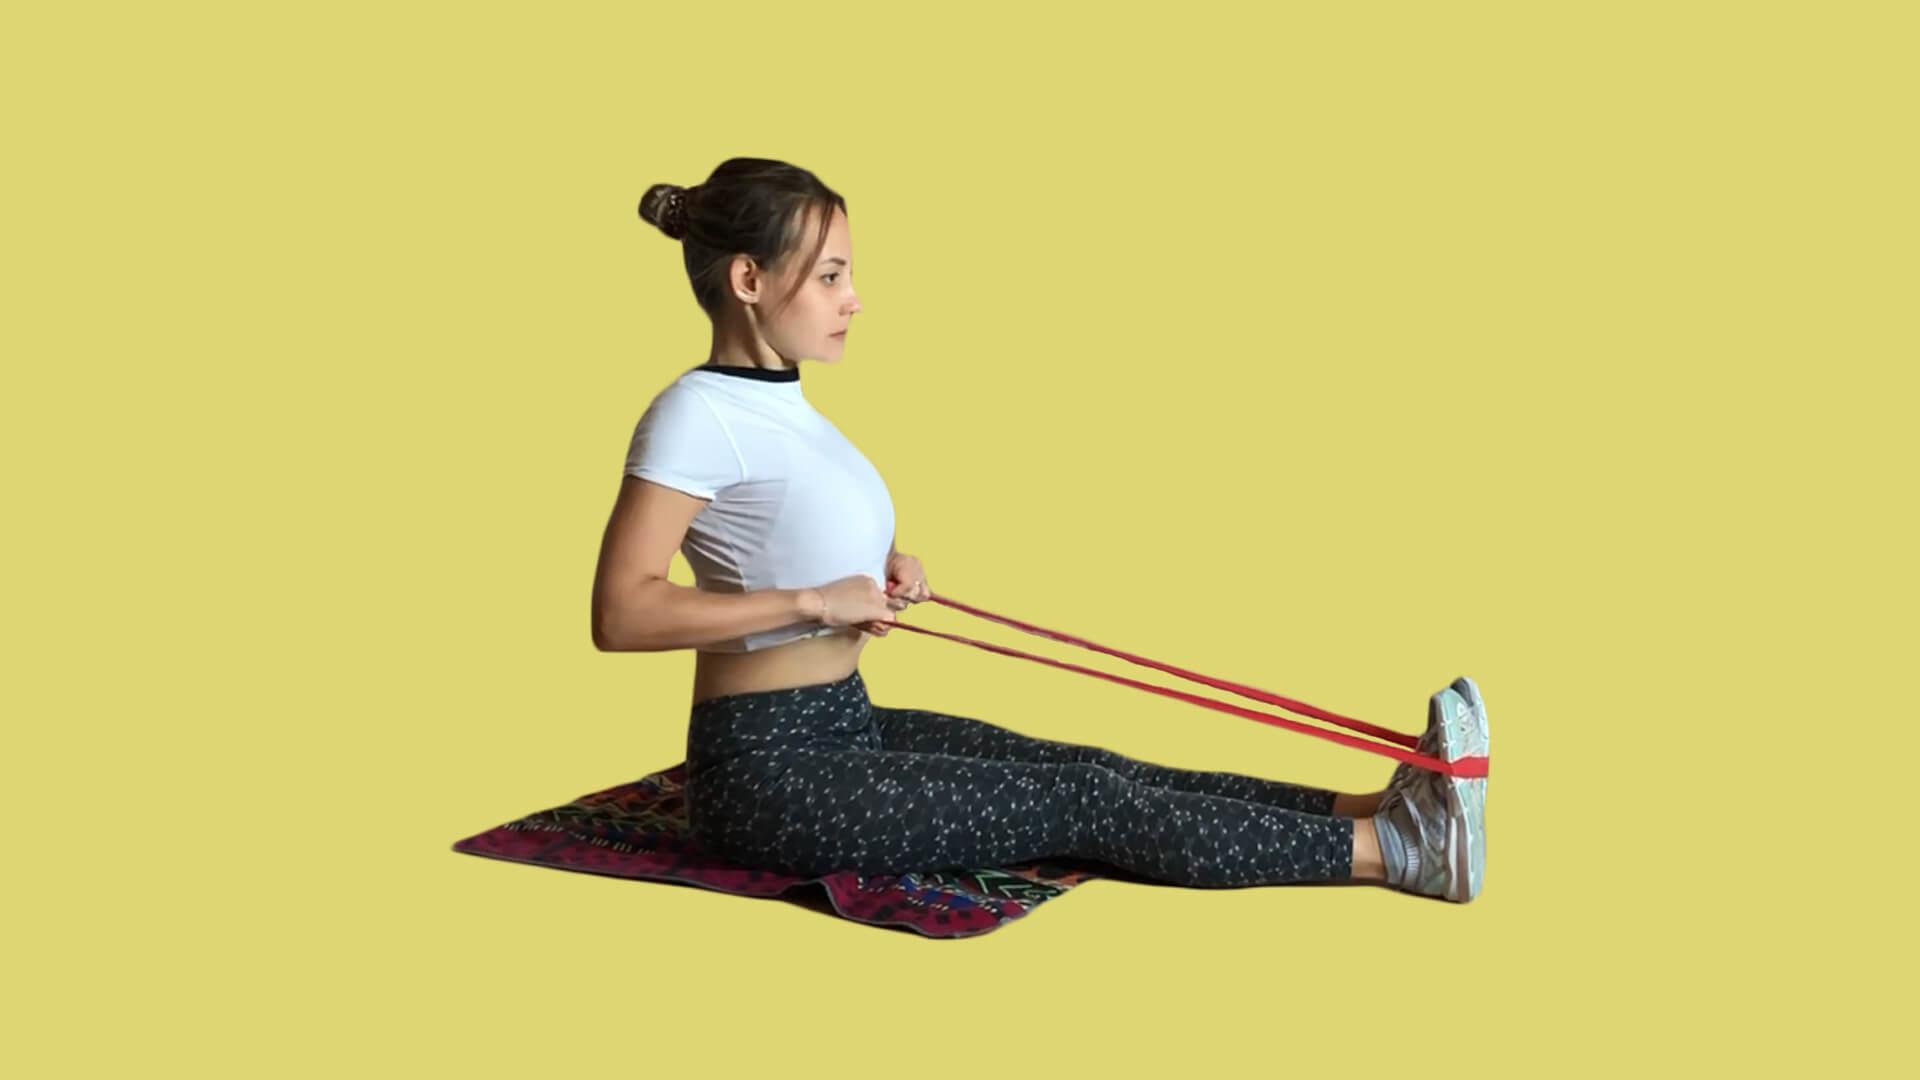 Резинка для спины: фото.